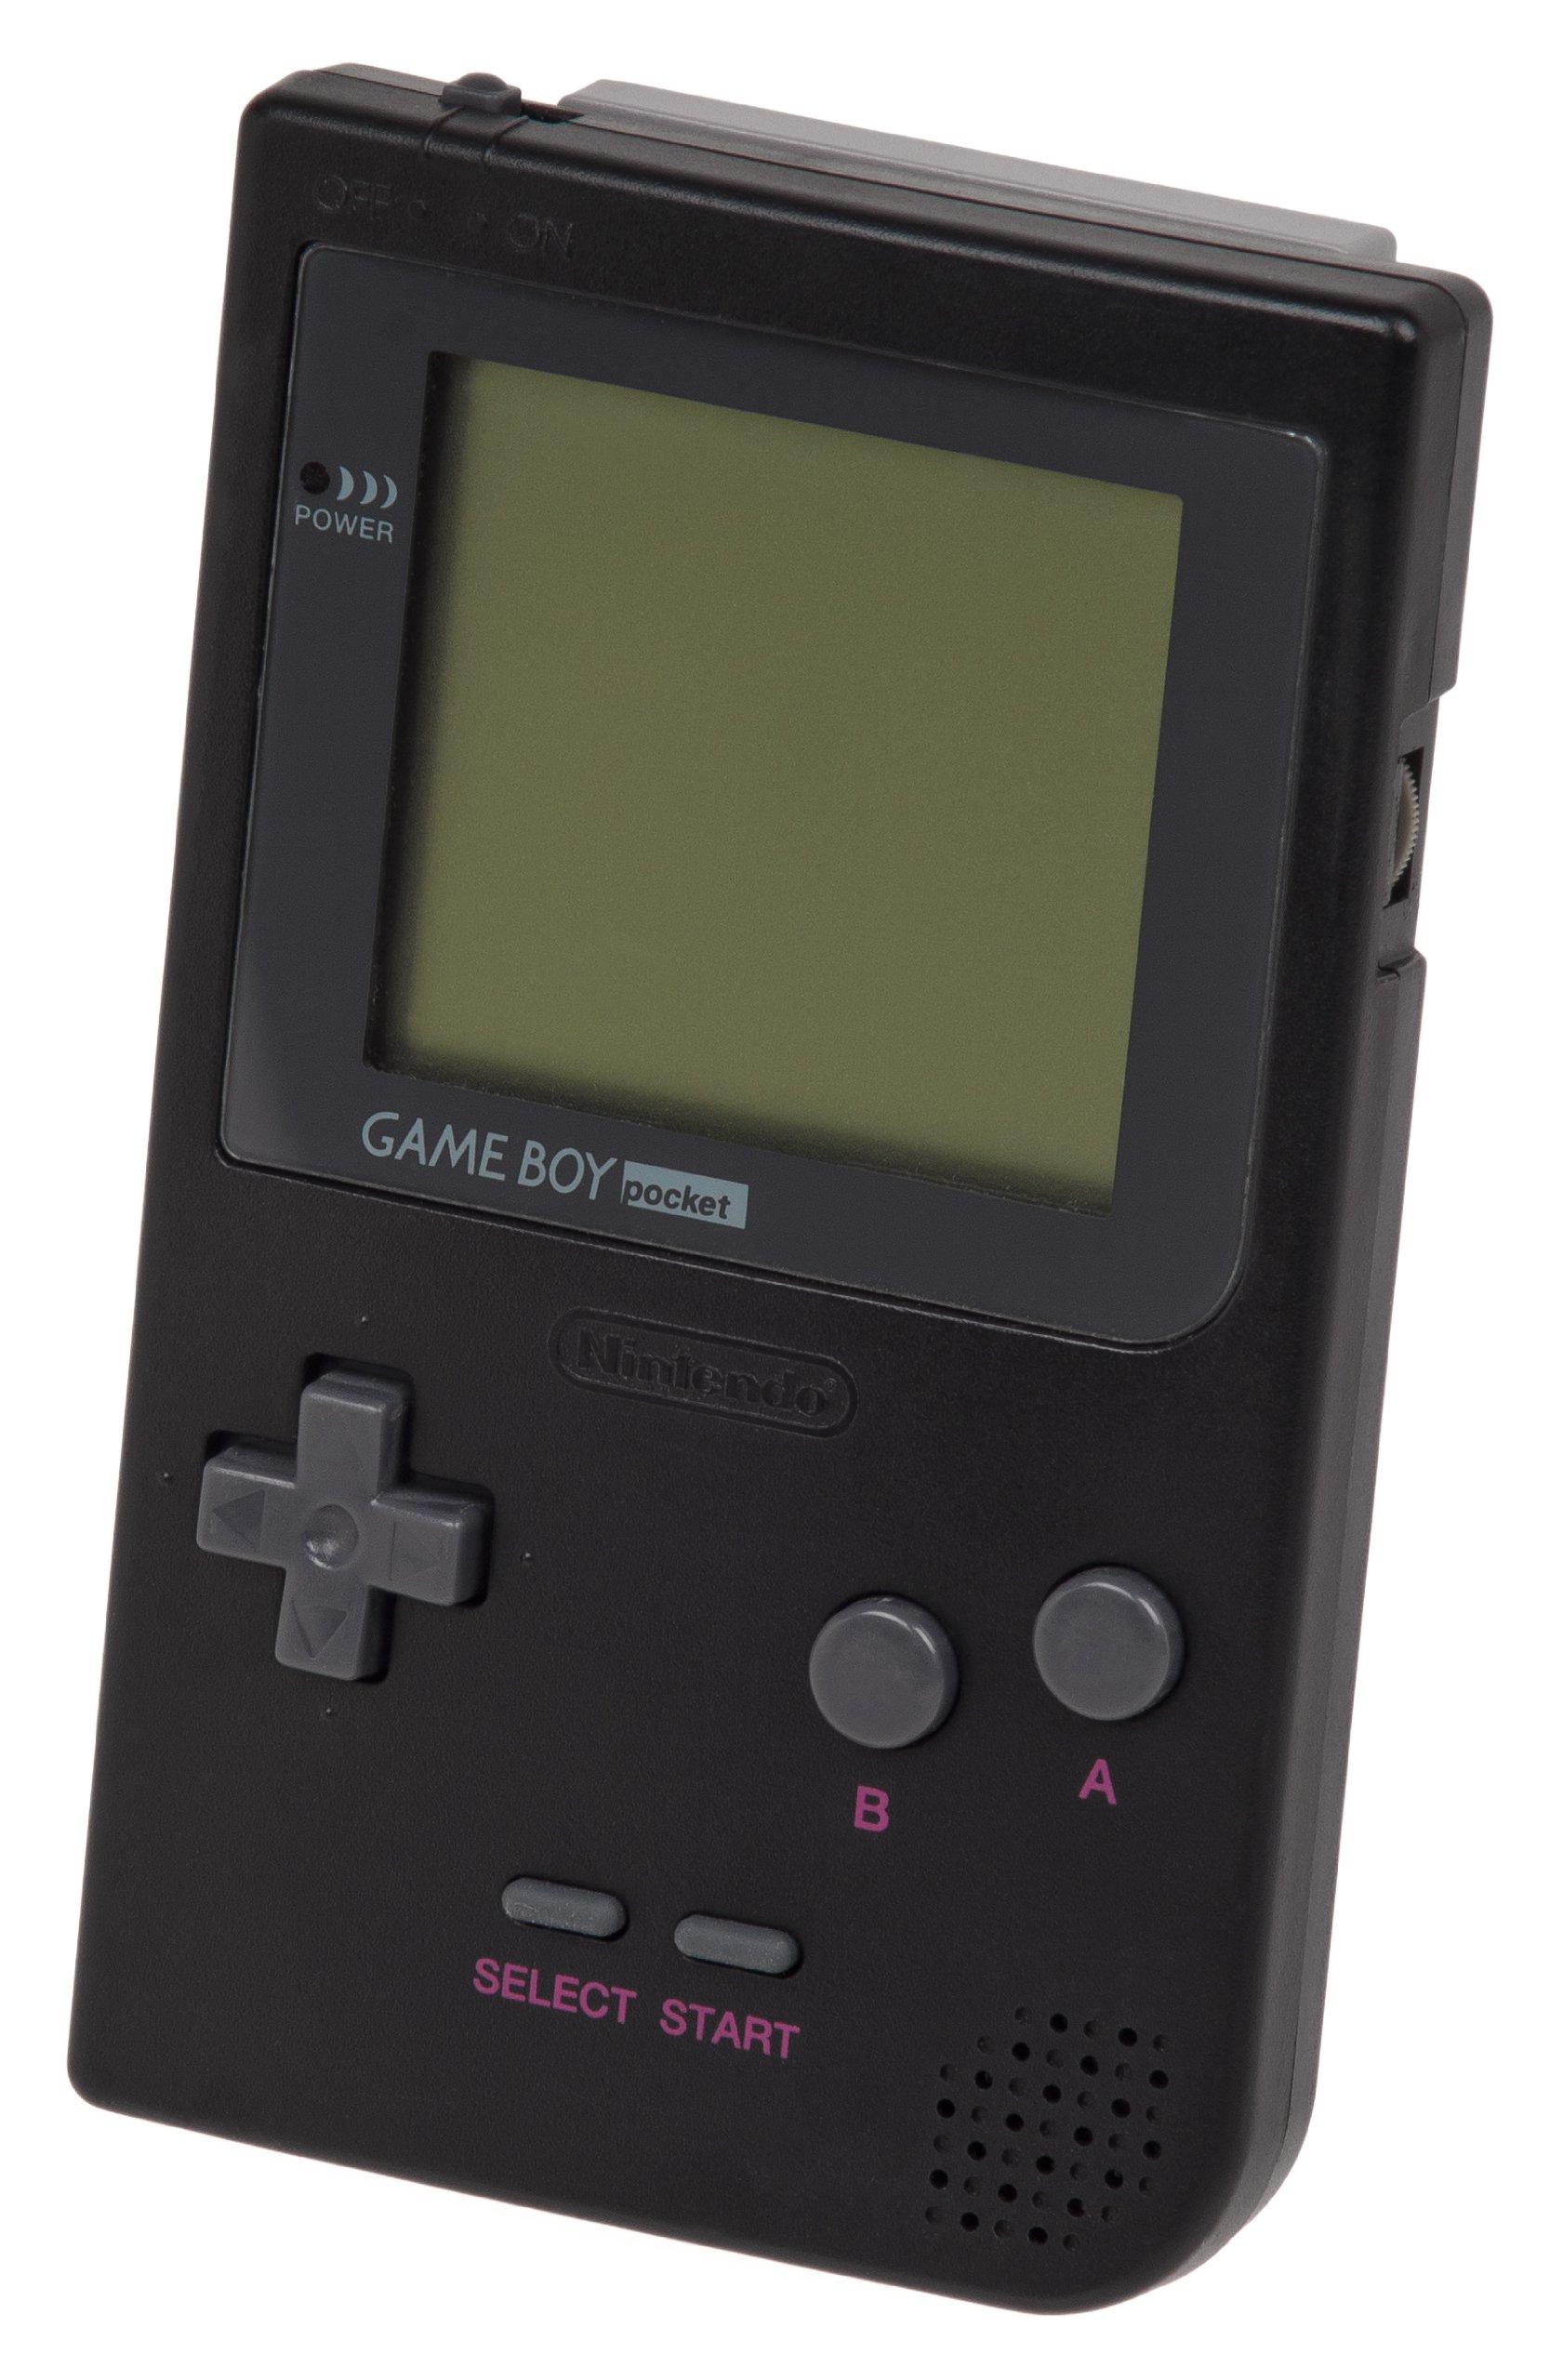 Game Boy Pocket System, Black